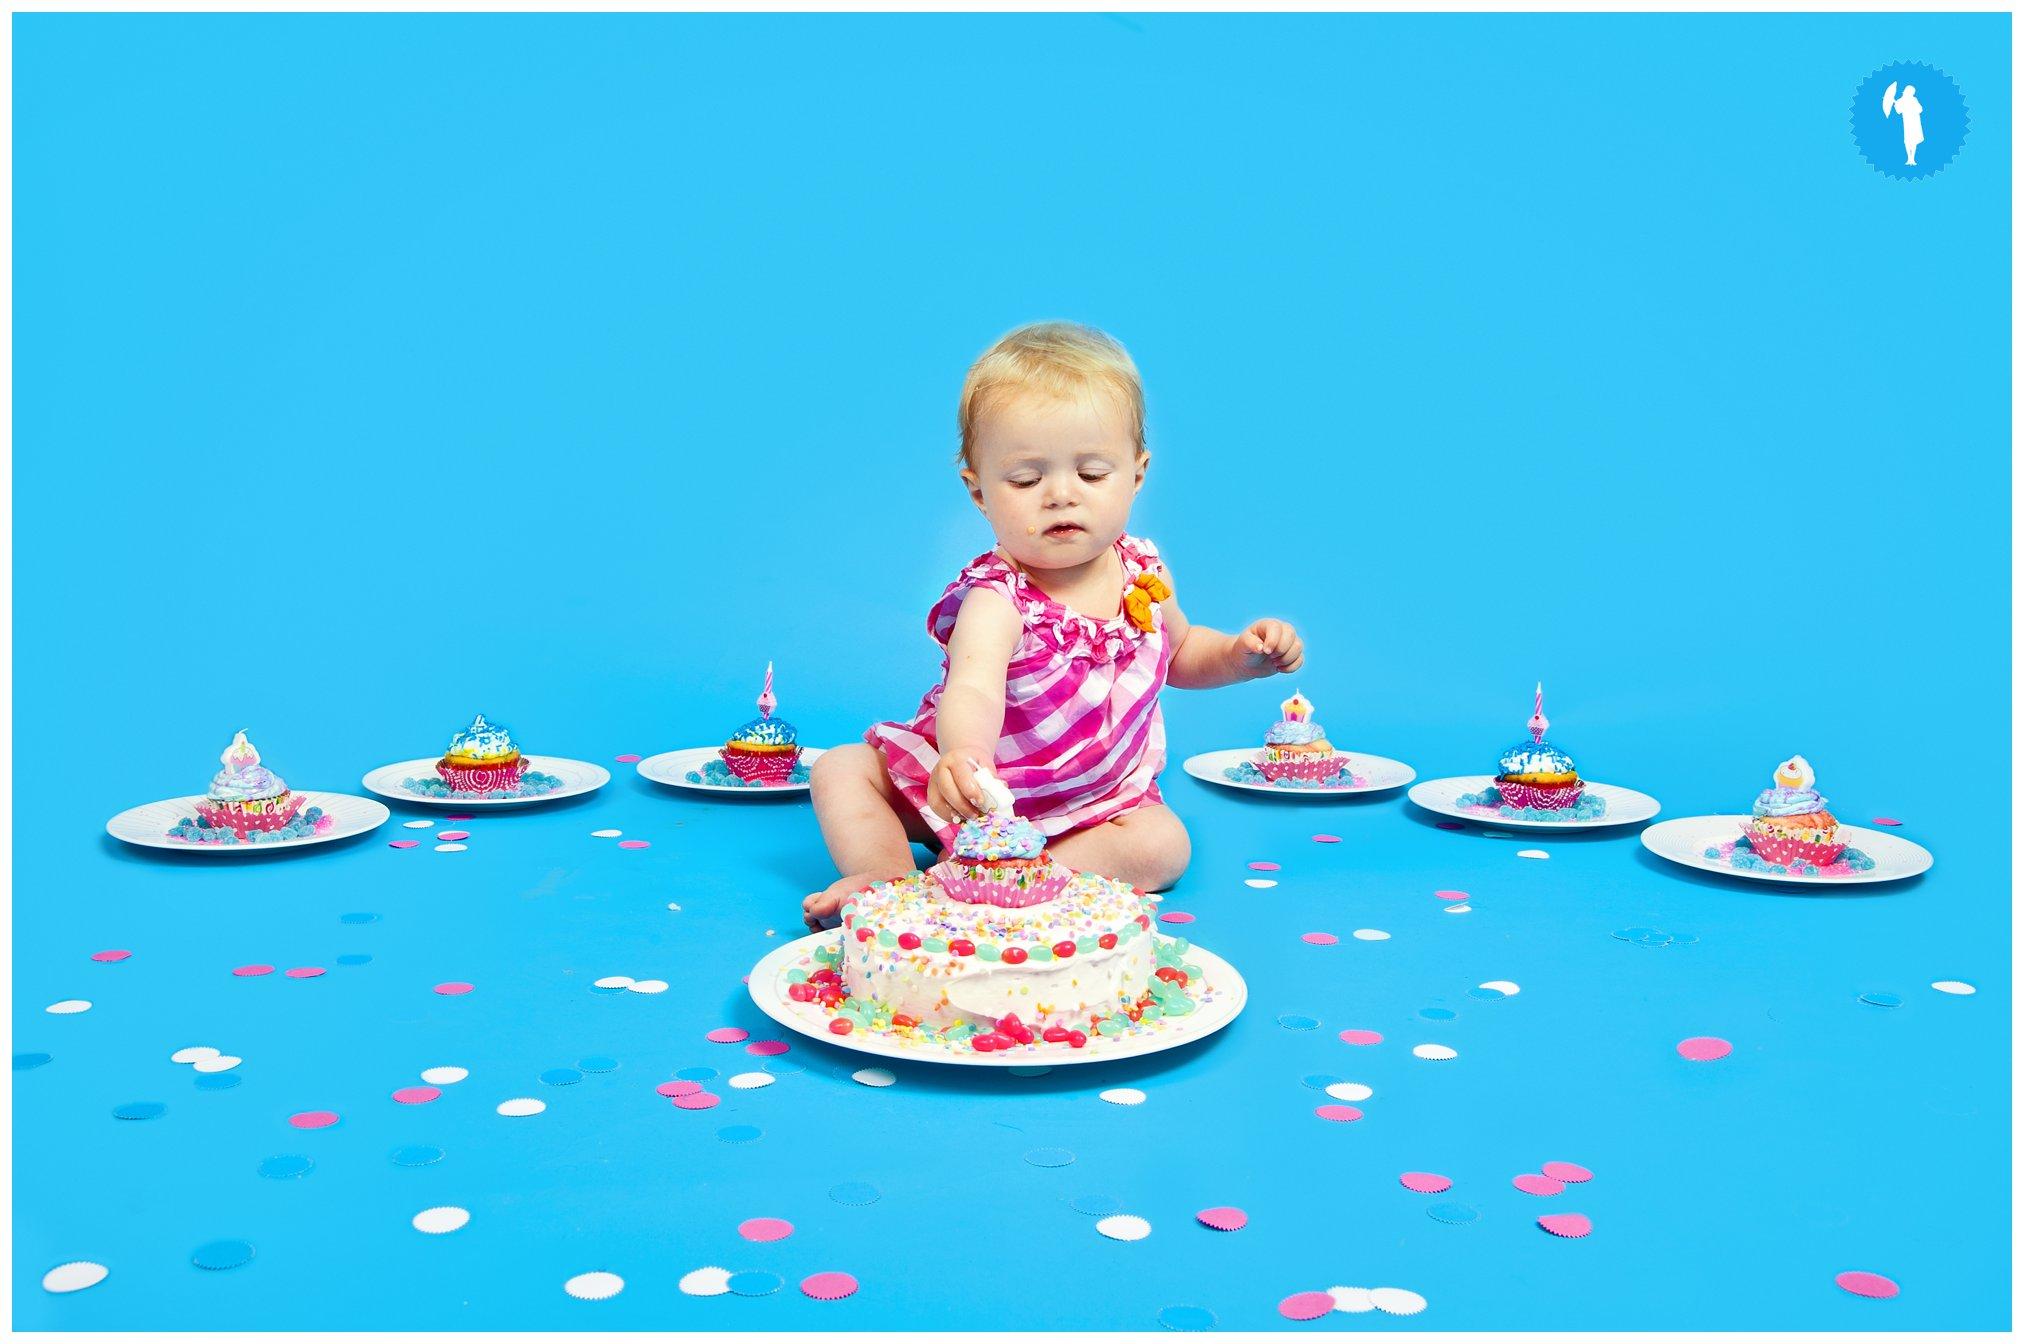 Cake smash Kitchener photographer.